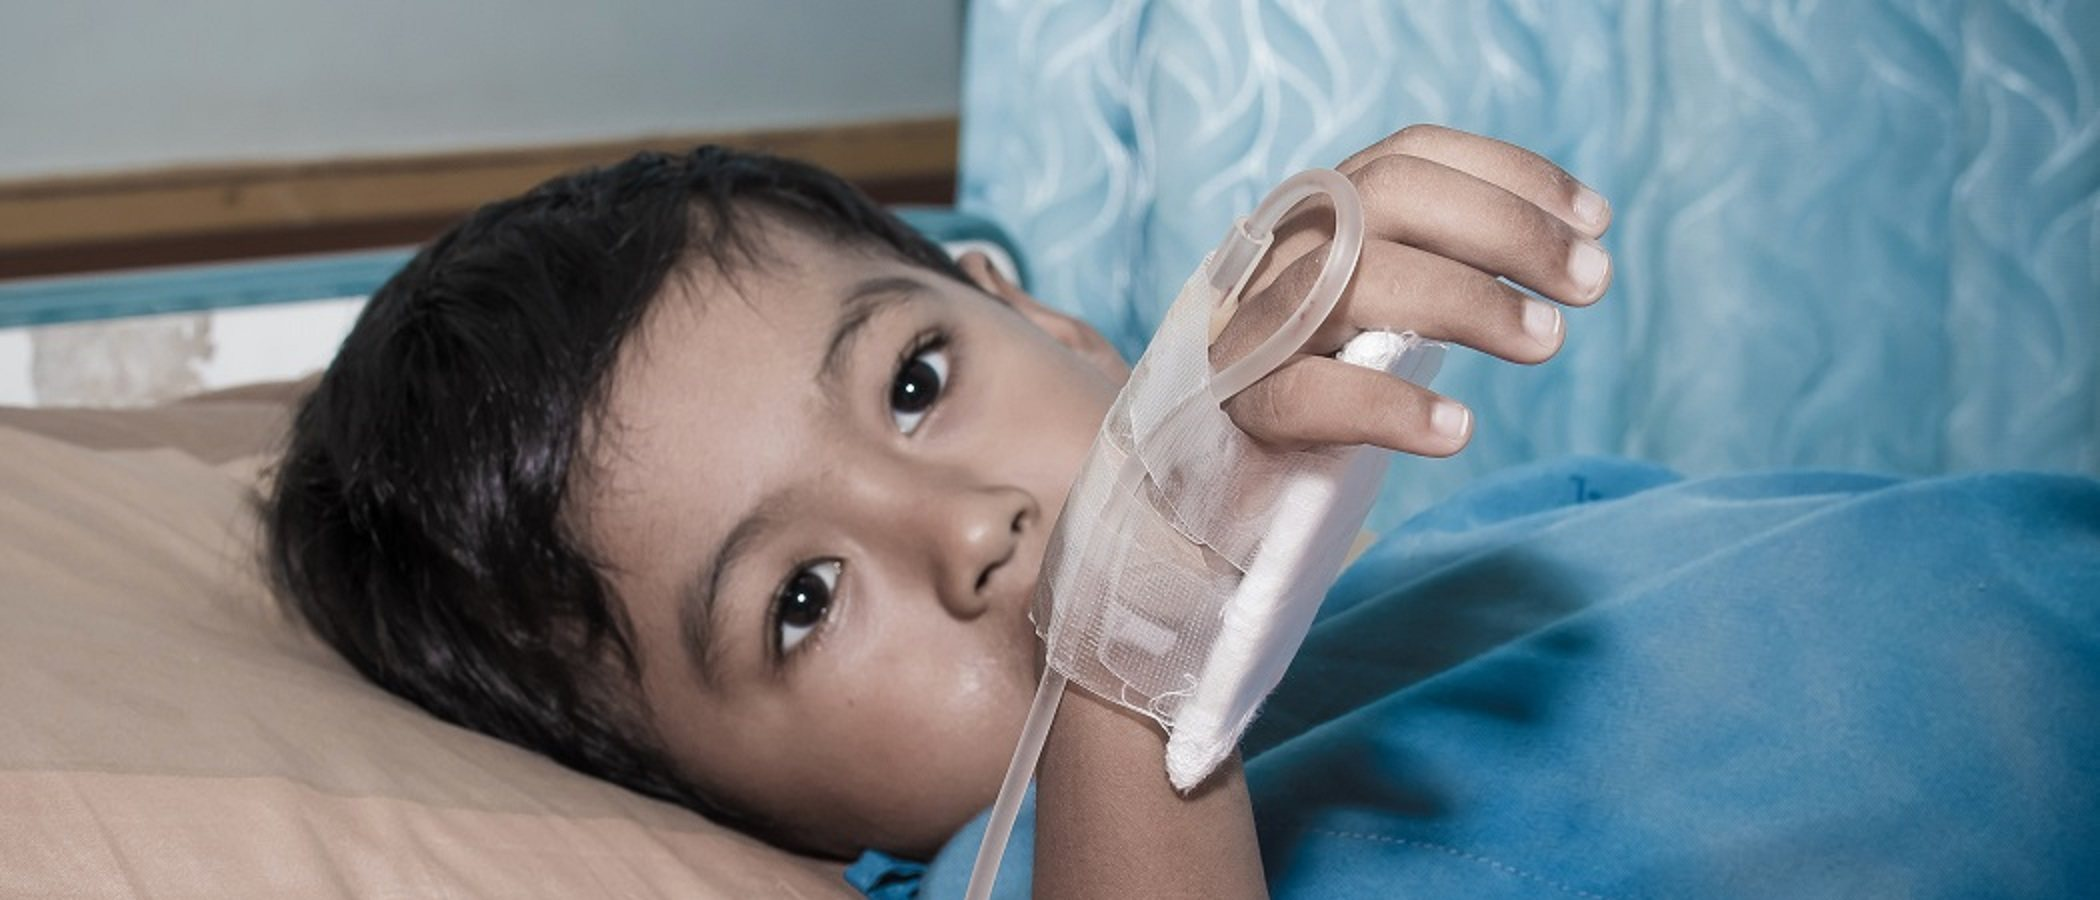 Síntomas de deshidratación en un niño menor de 2 años